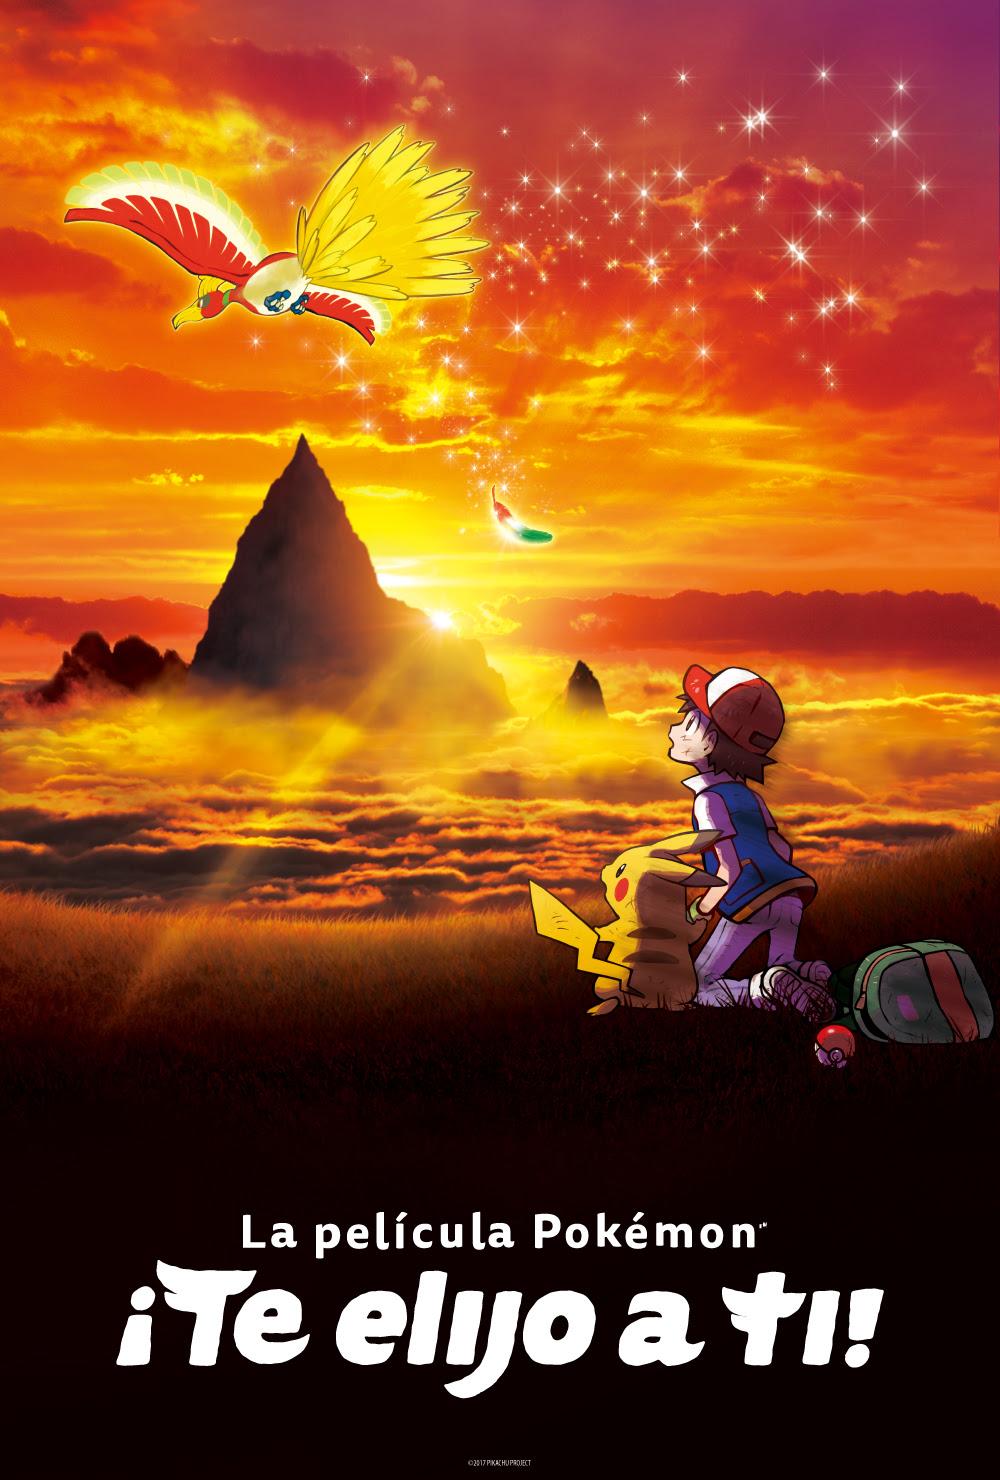 Pokémon ¡Te elijo a ti! se verá en los cines el 5 y 6 de noviembre